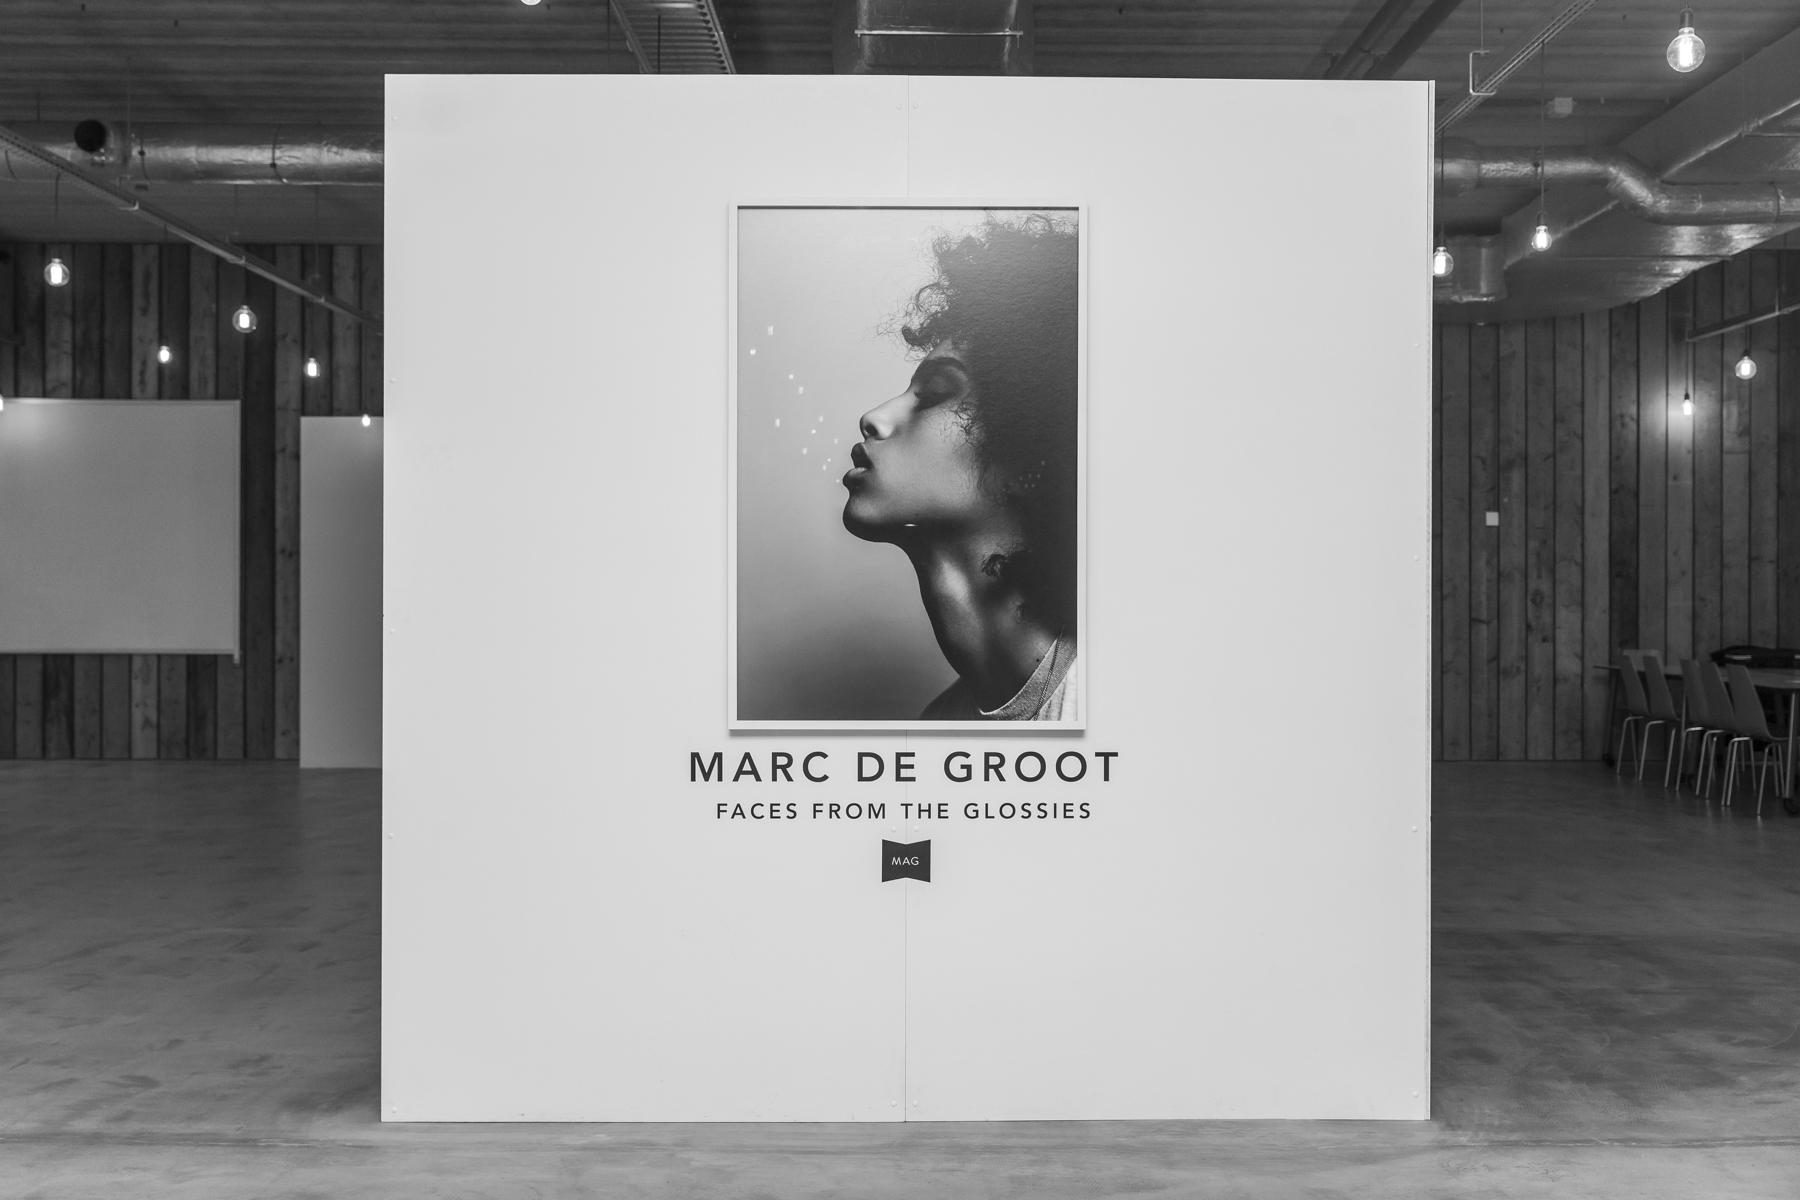 Marc de Groot